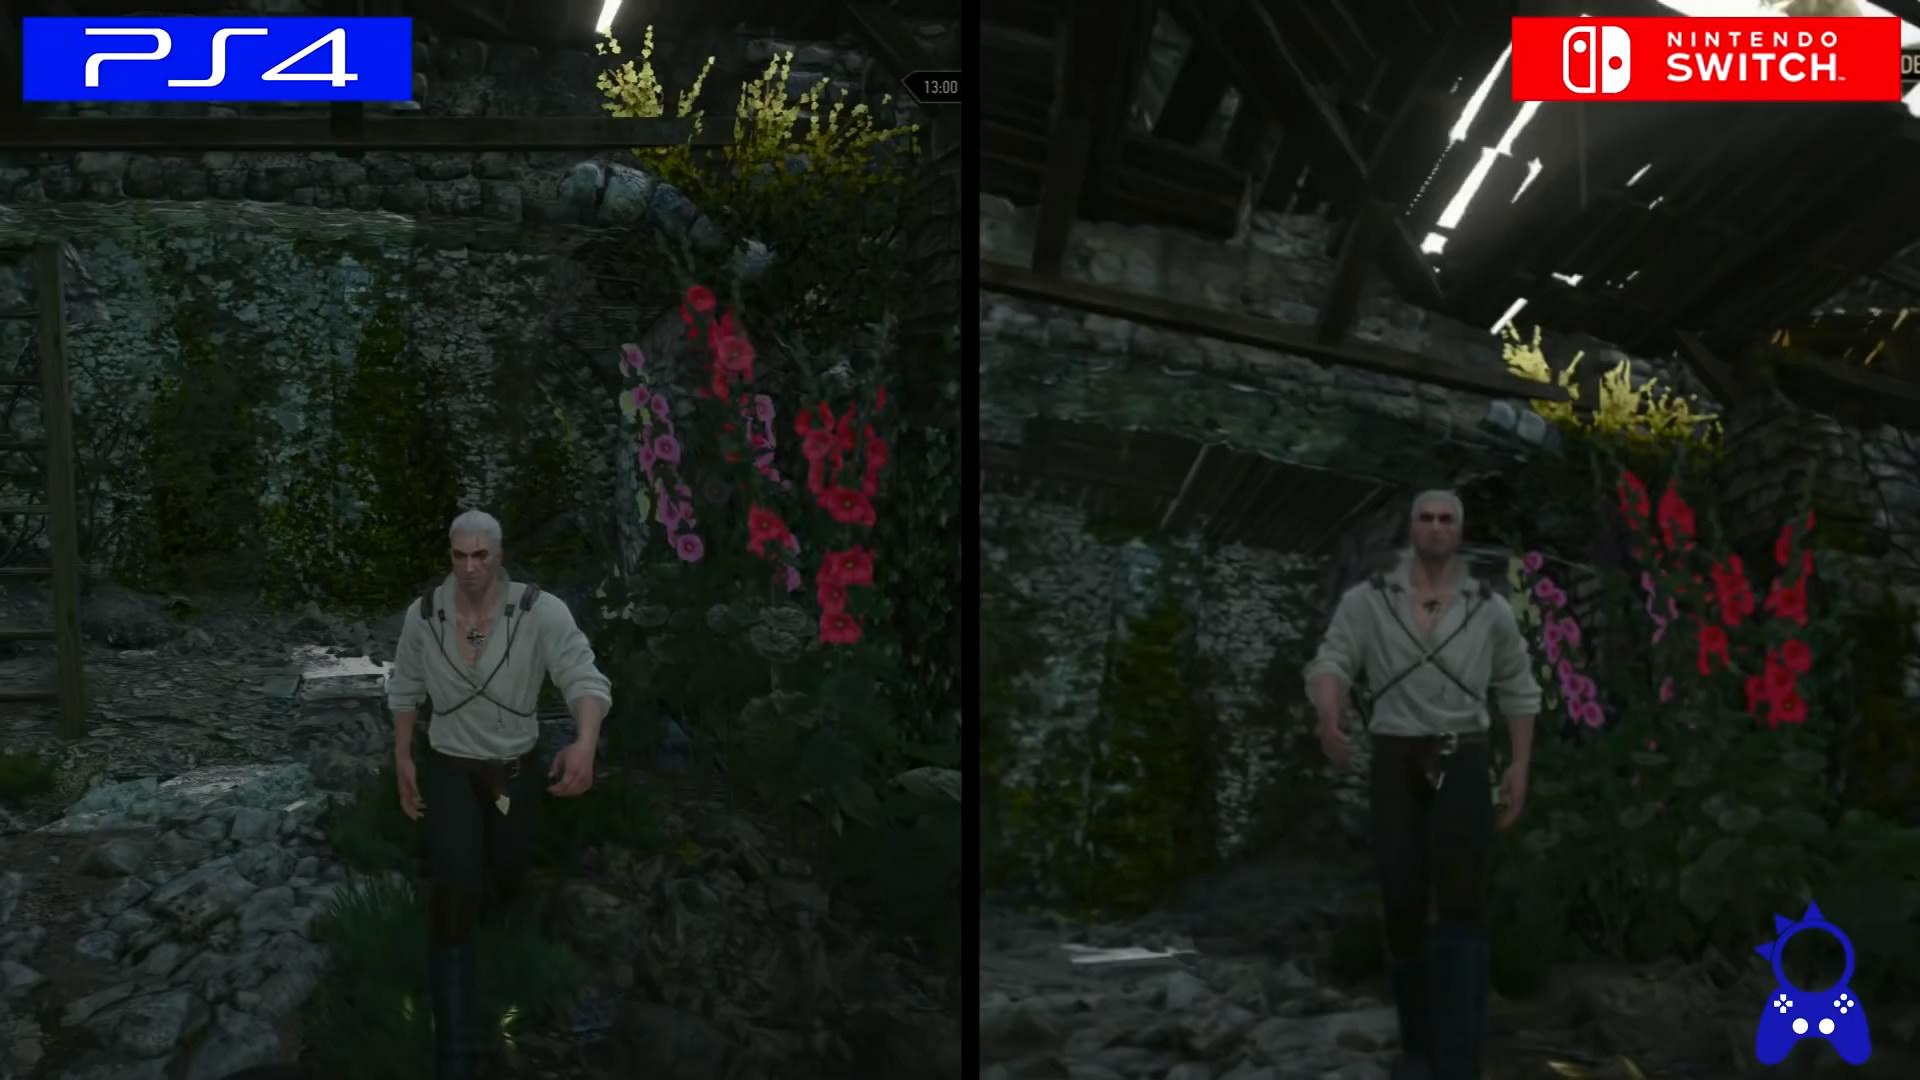 《巫师3》NS版与PS4版画面对比 运行流畅帧数稳定